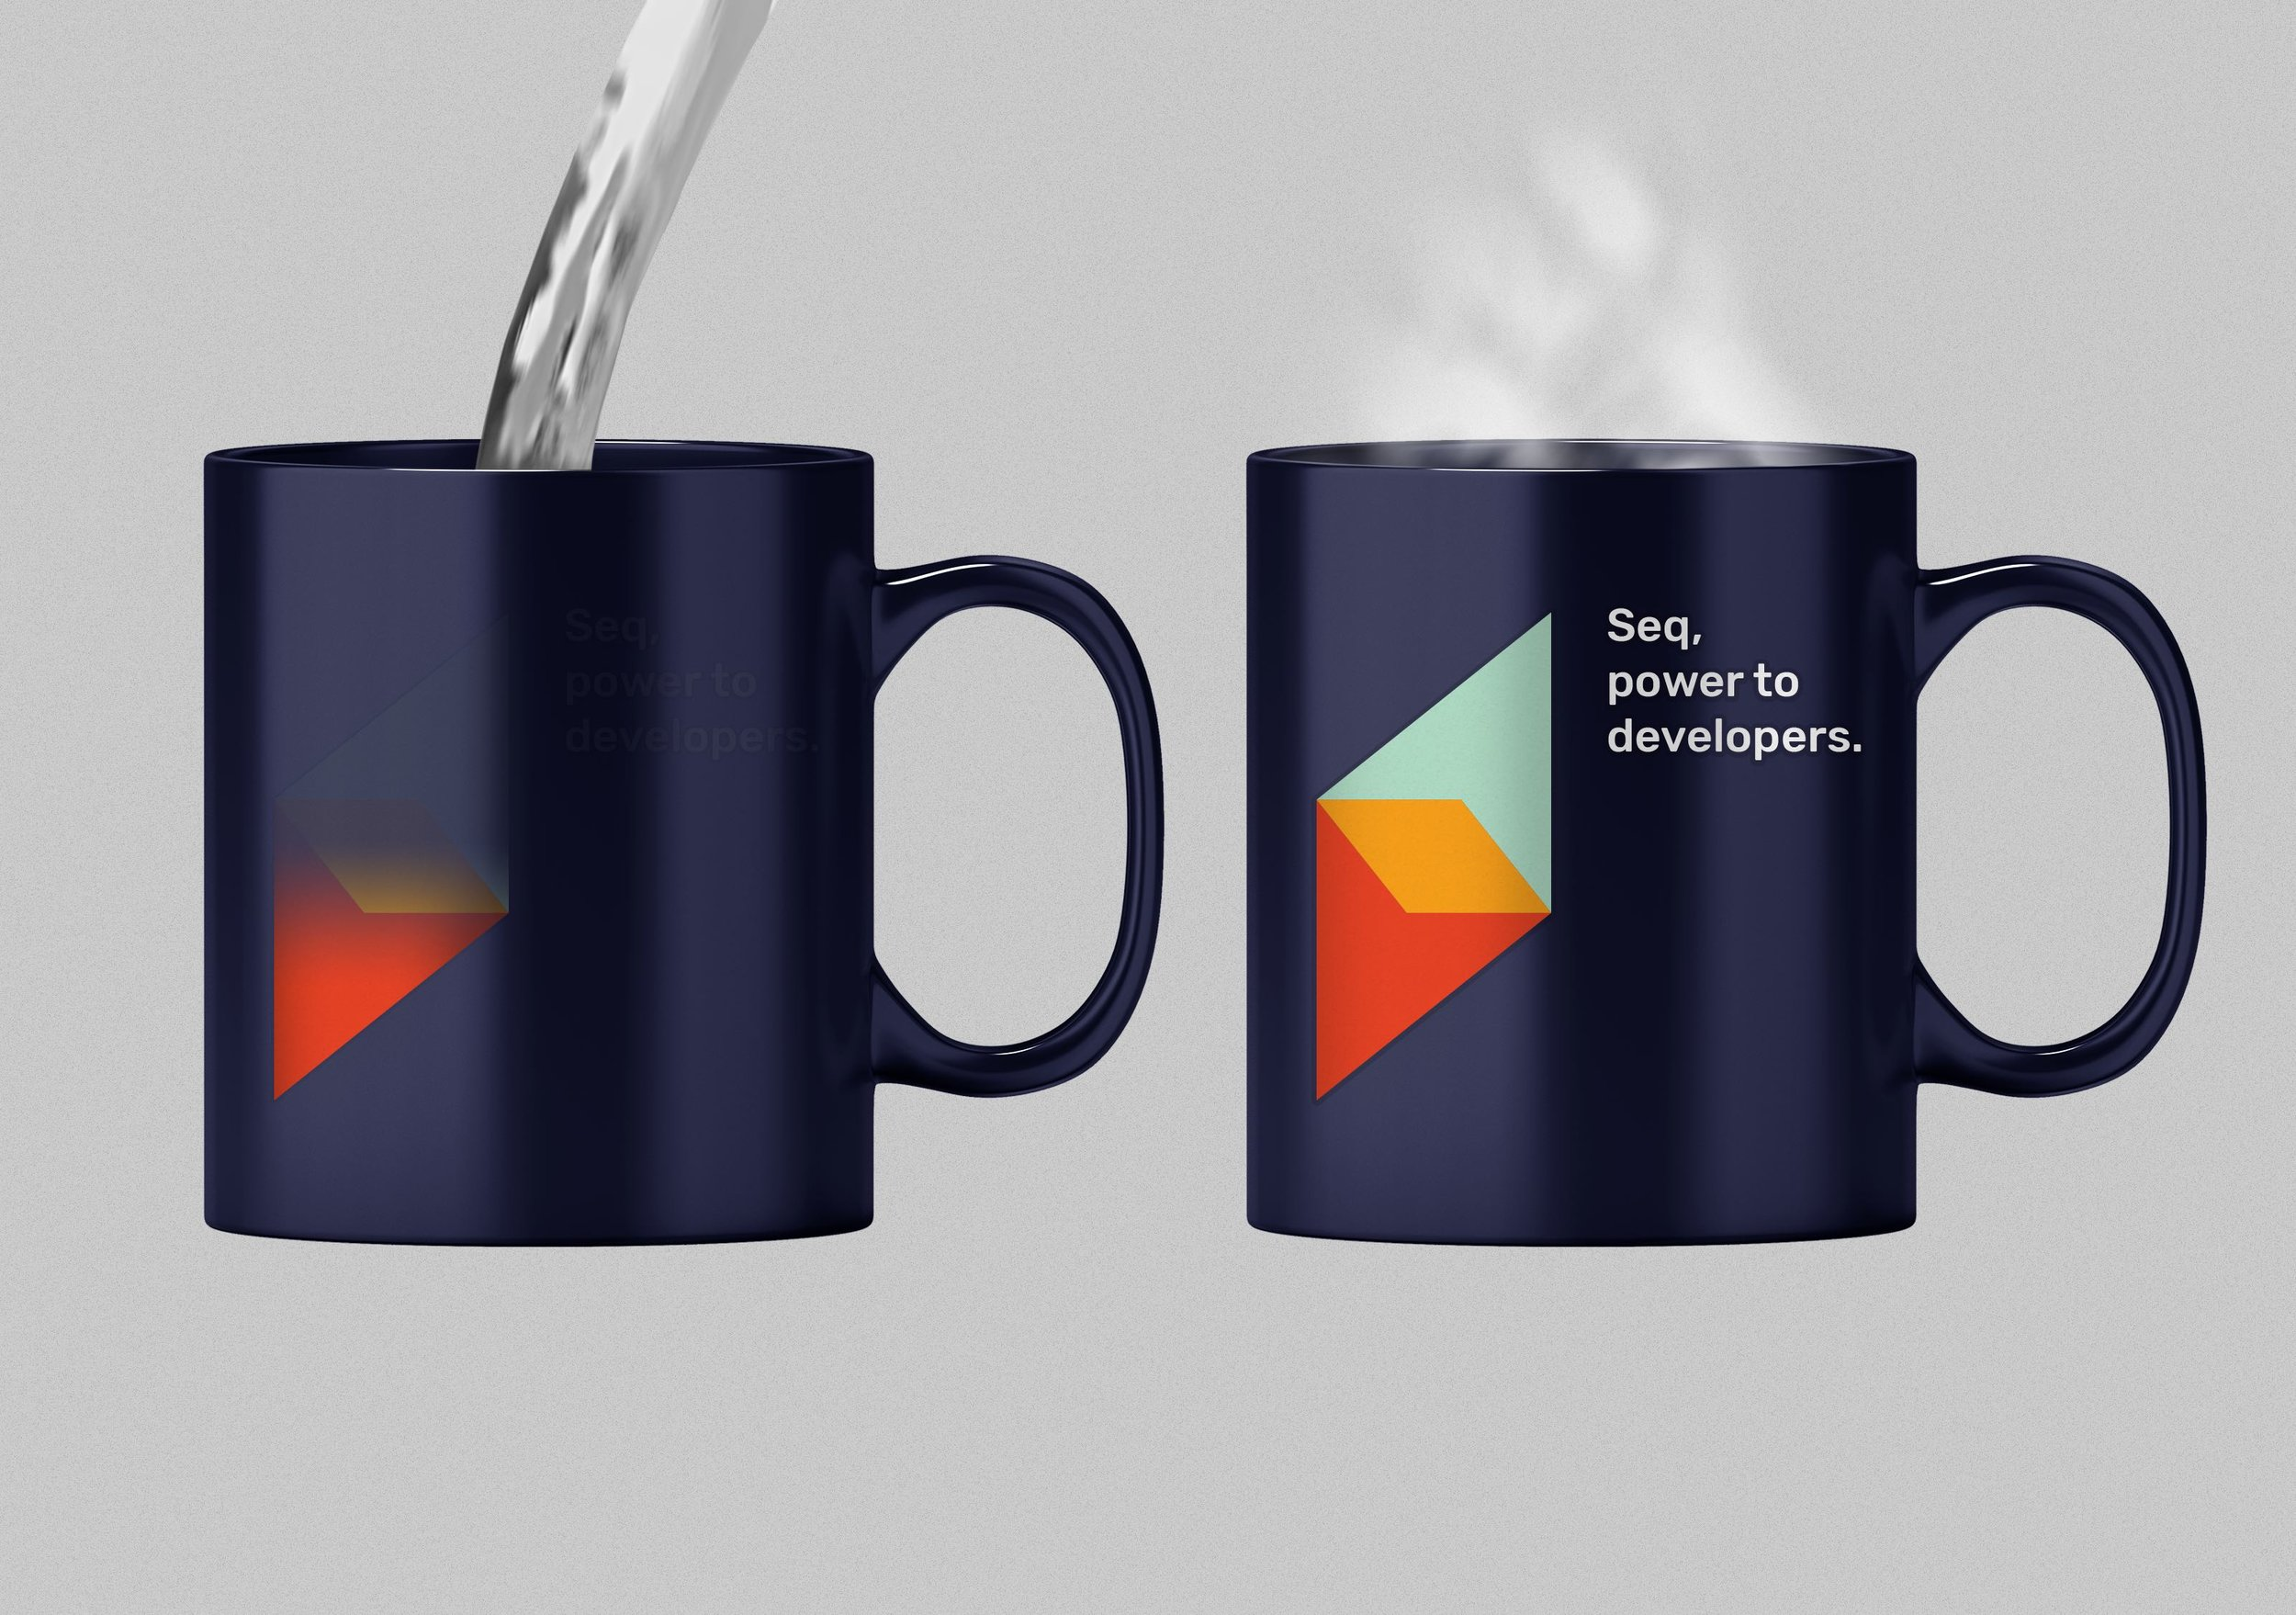 DSR Branding - Seq7.jpg